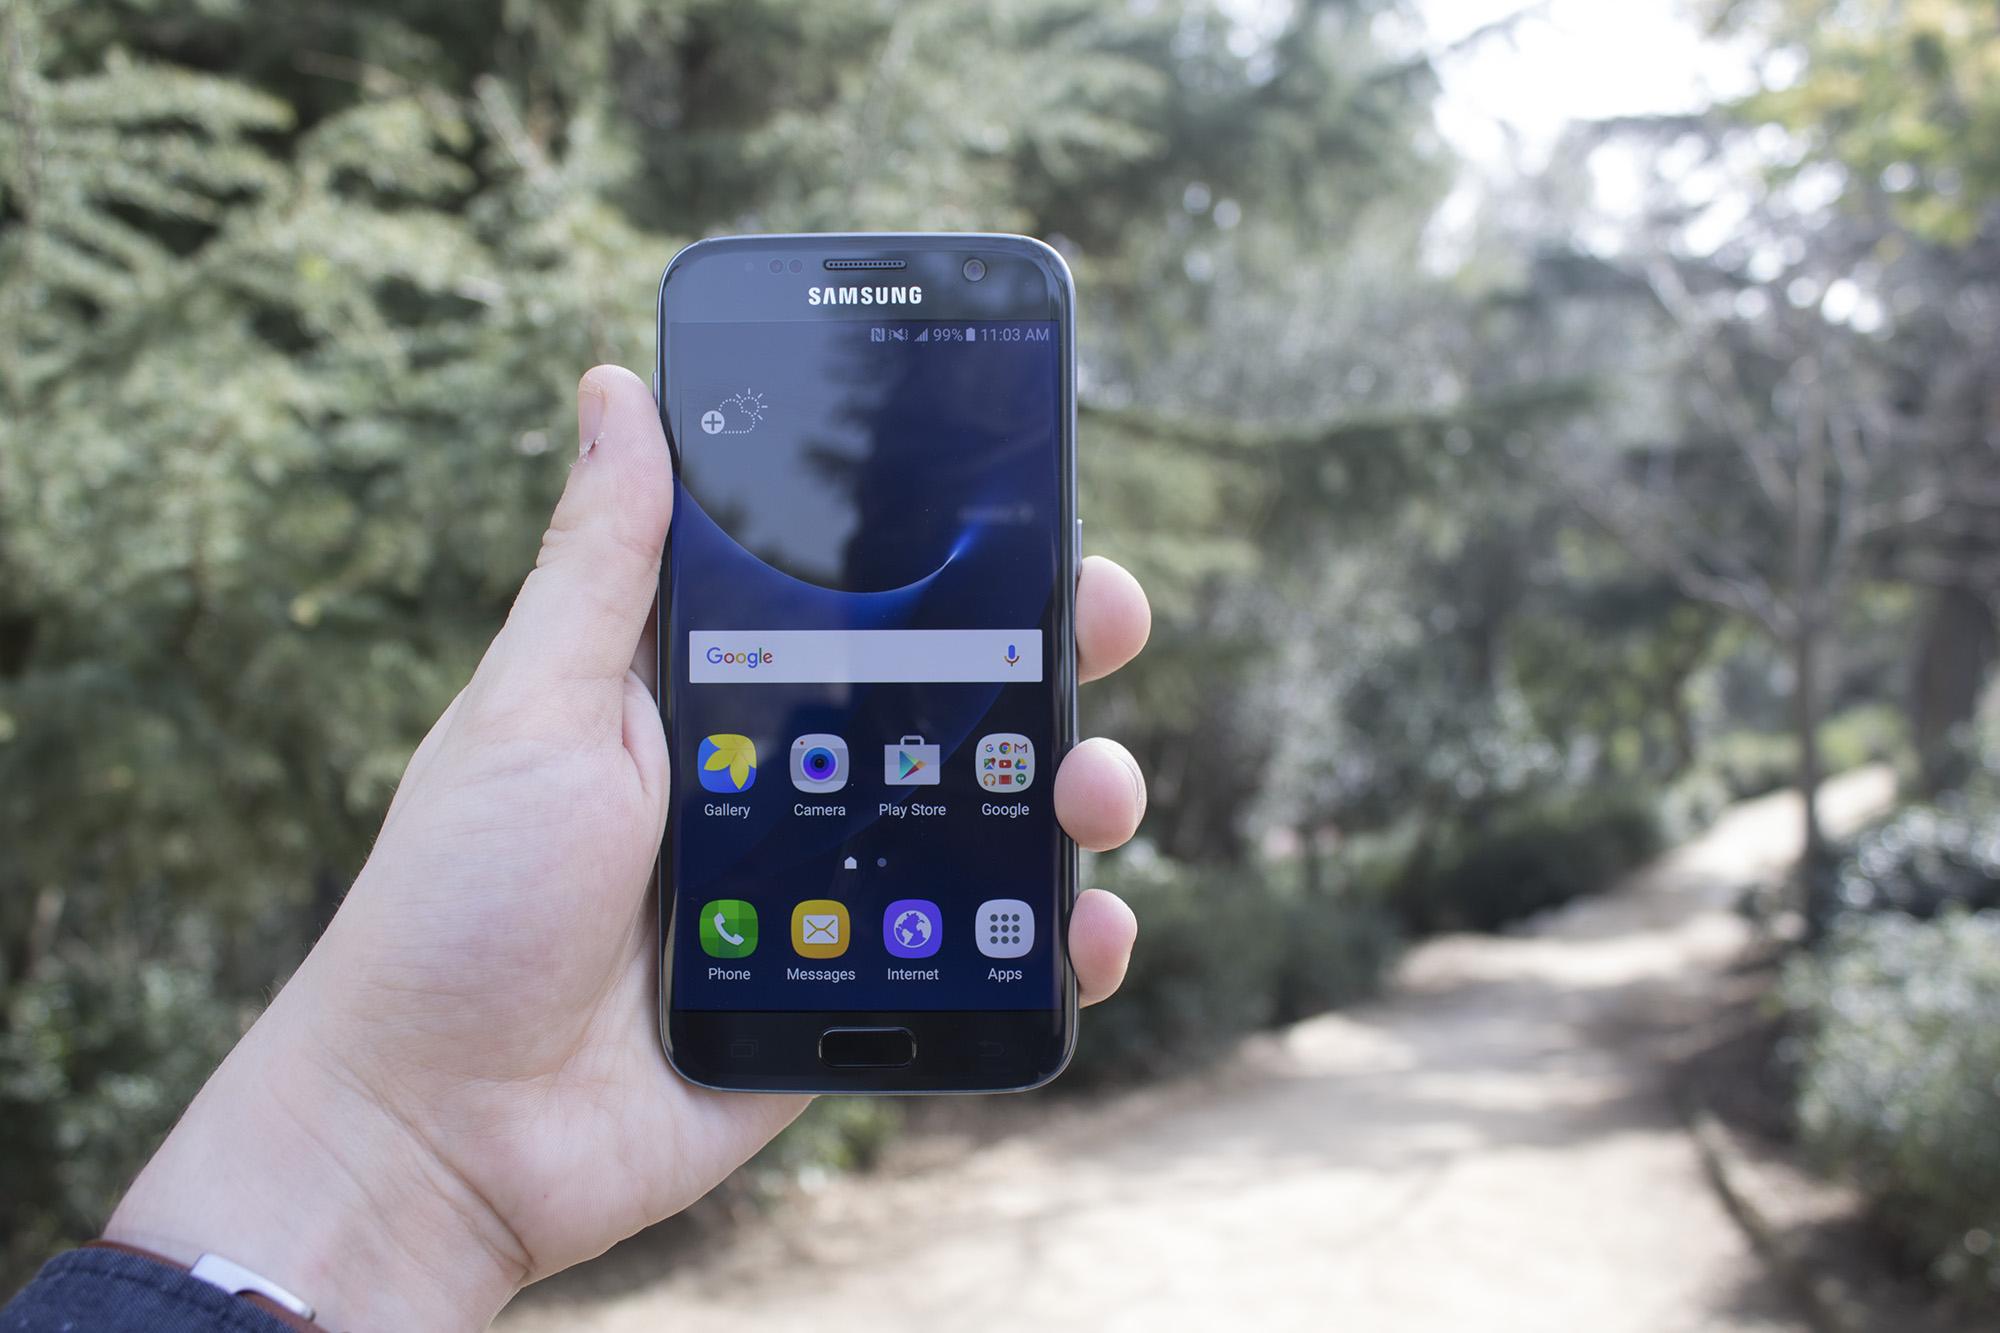 GalaxyS7mwc-1